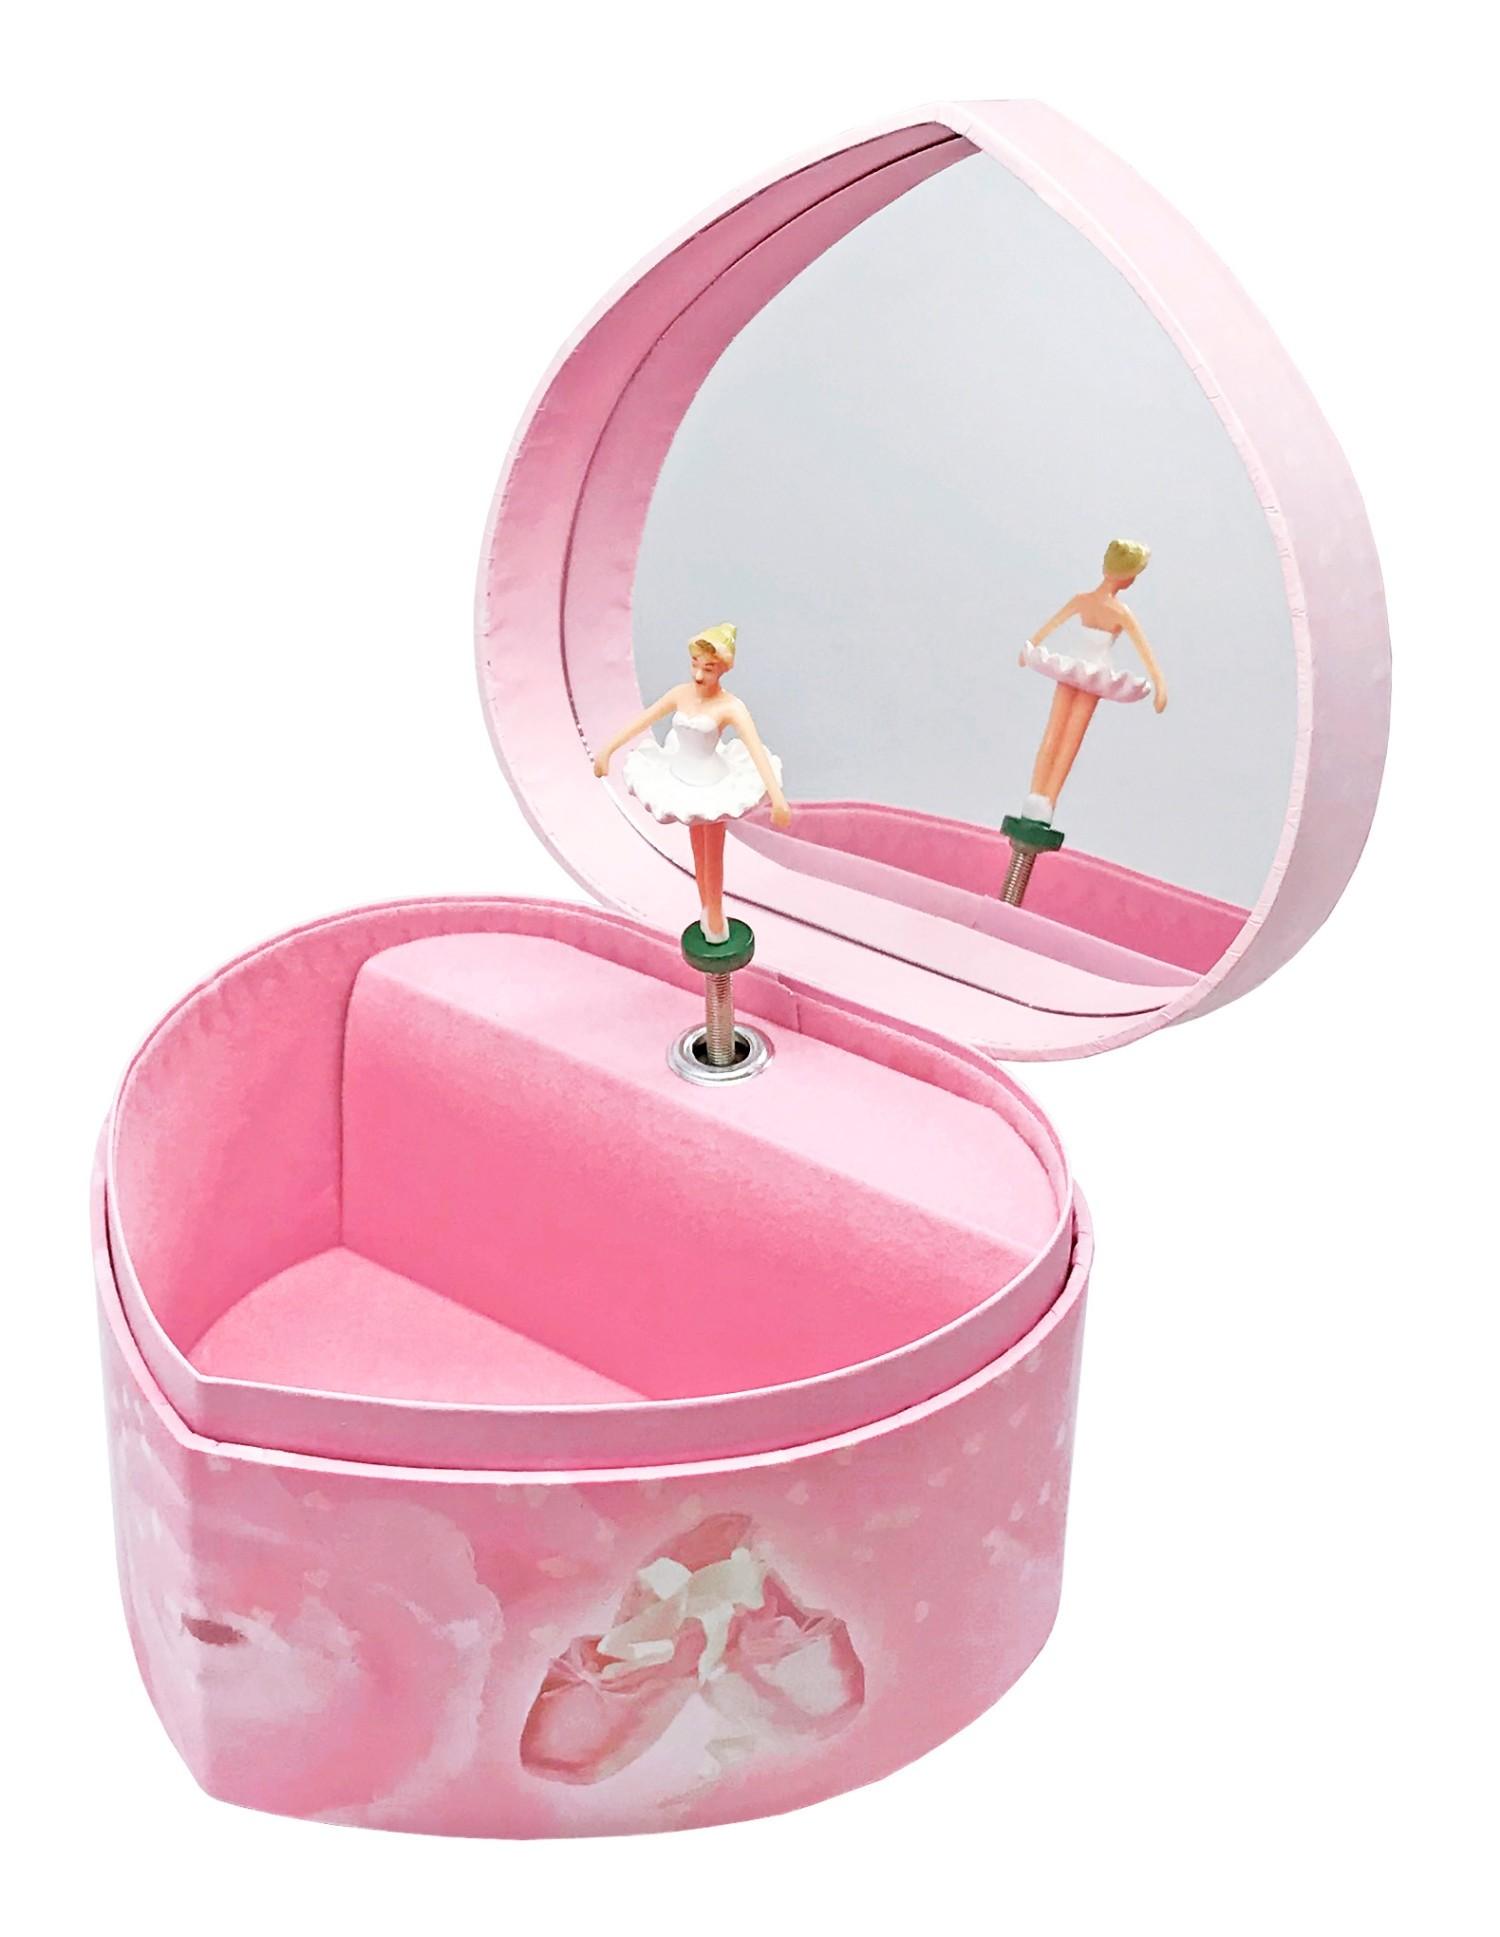 Delaspe Bo/îte /à Musique en Forme de Coeur Ballerine Musicale Fille Figurines /Étui de Rangement de Bijoux pour Filles